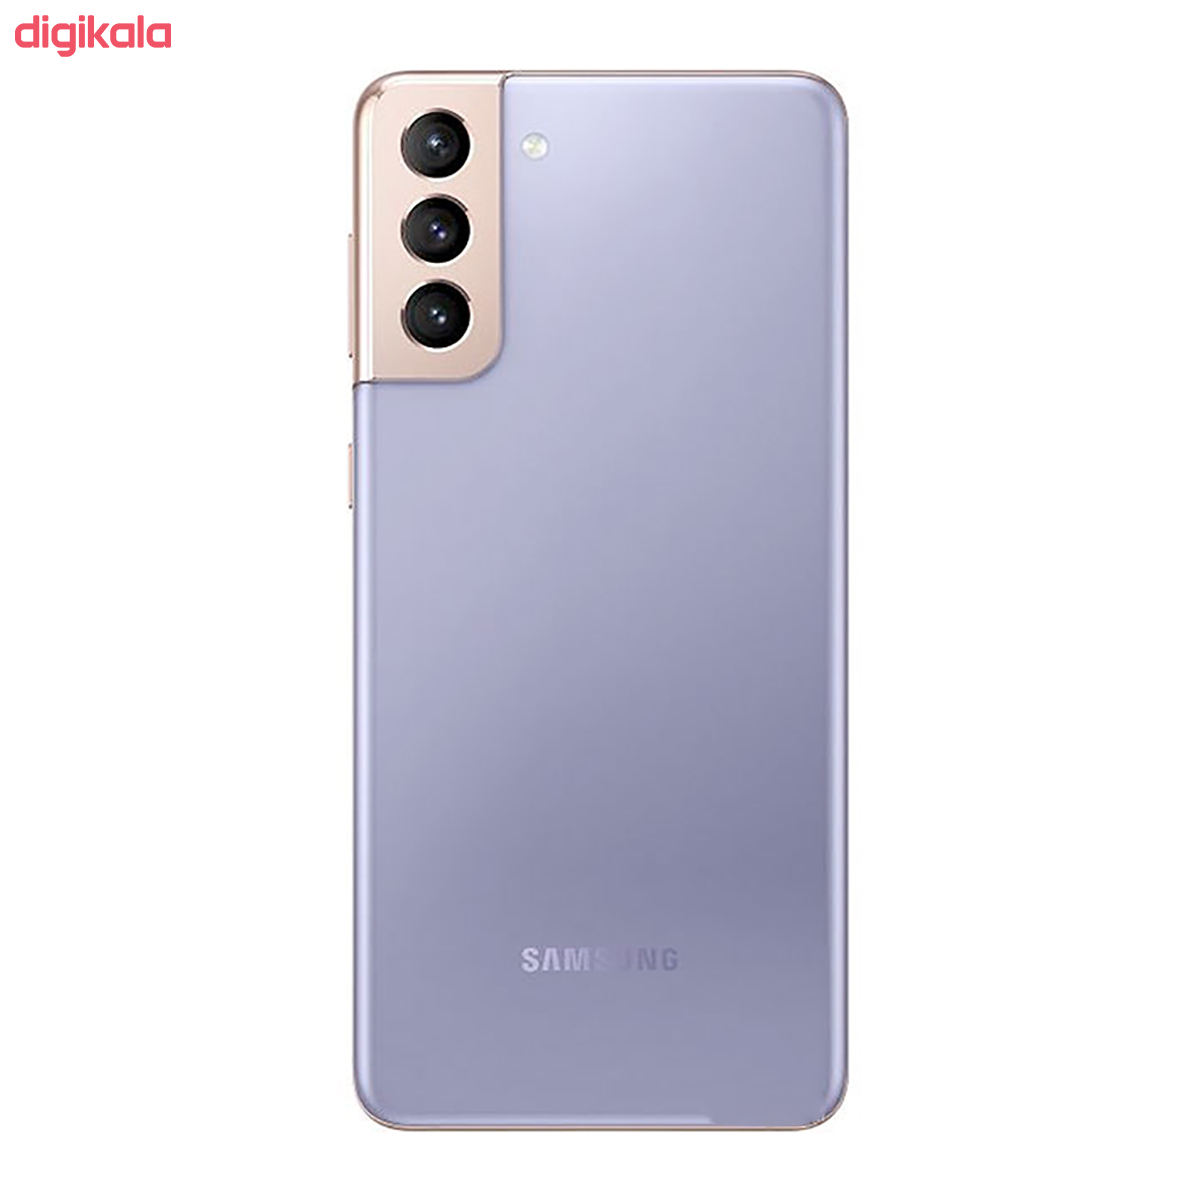 گوشی موبایل سامسونگ مدل Galaxy S21 Plus 5G SM-G996B/DS دو سیم کارت ظرفیت 256 گیگابایت و رم 8 گیگابایت main 1 2